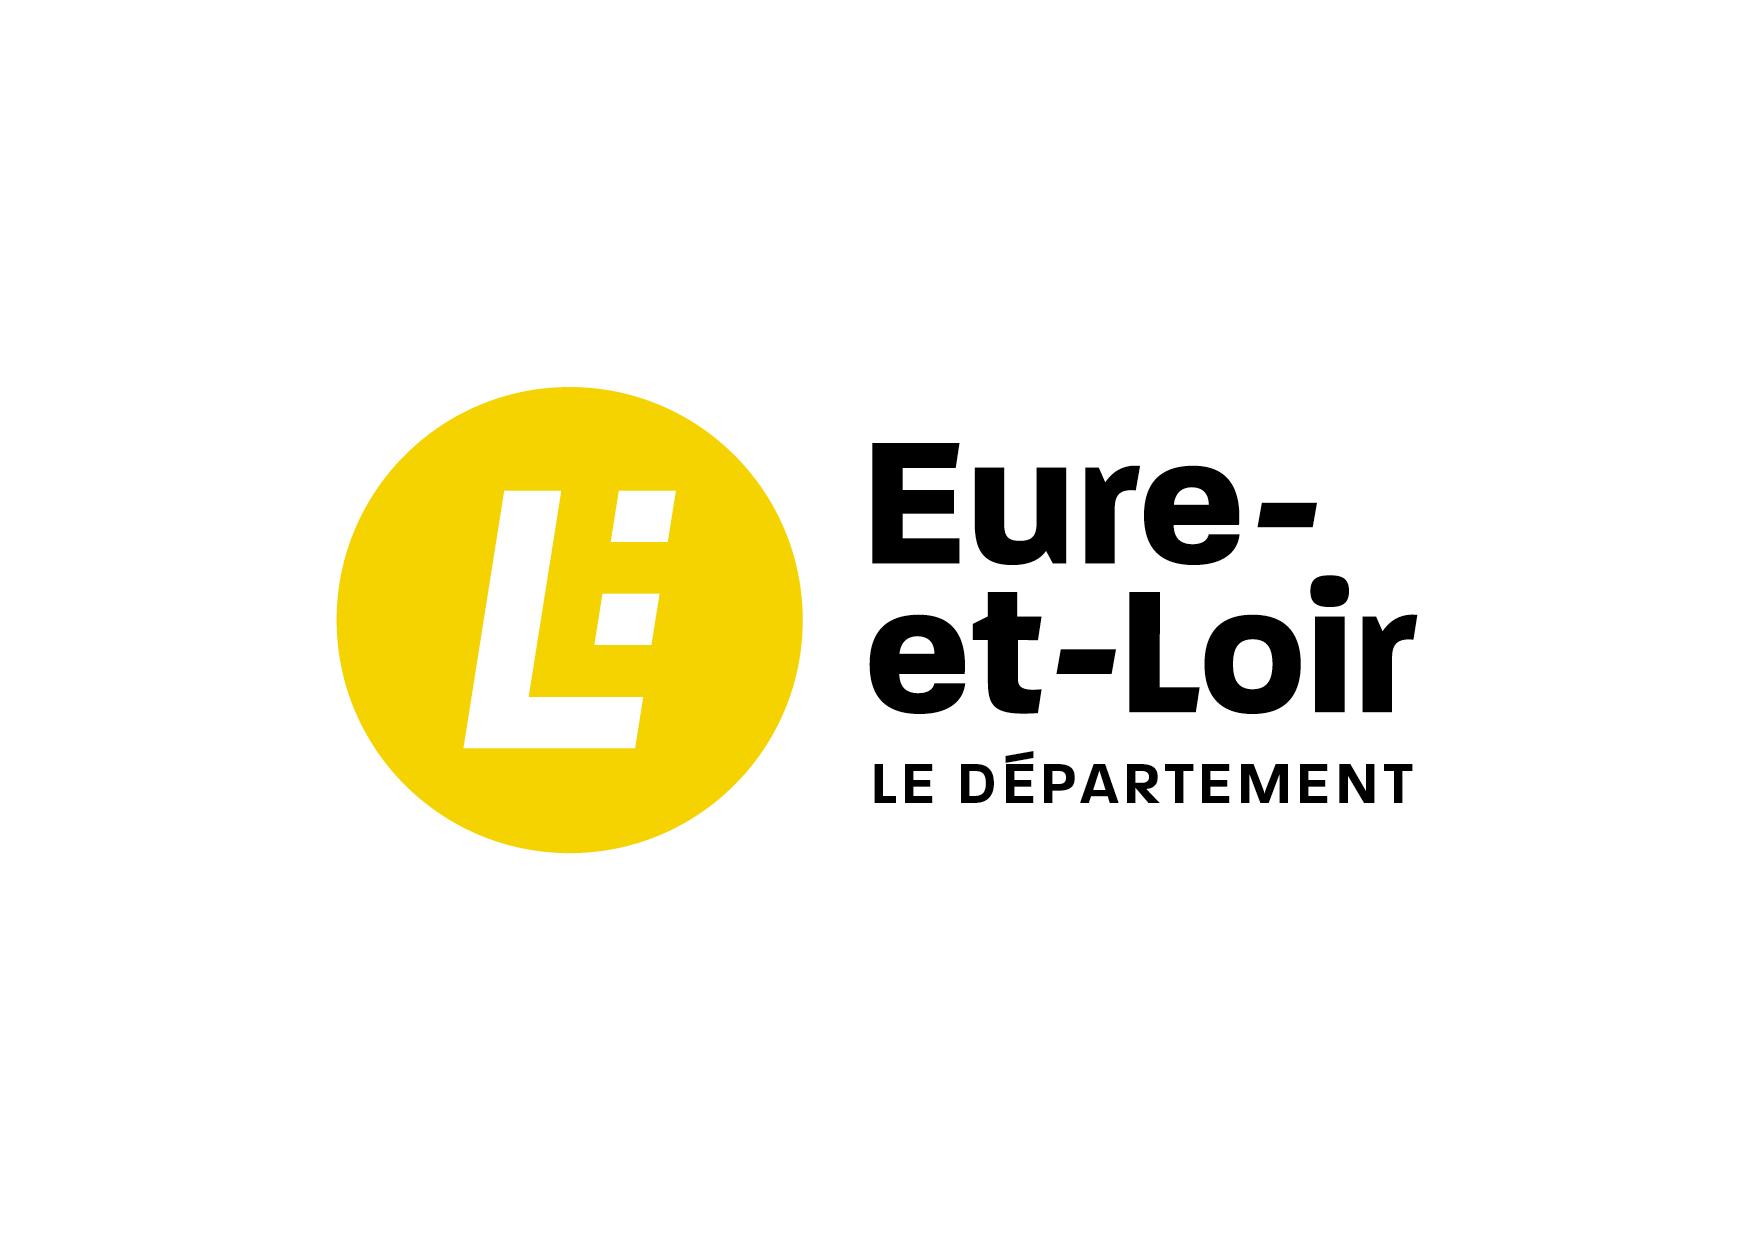 eure_et_loir_logo.jpg